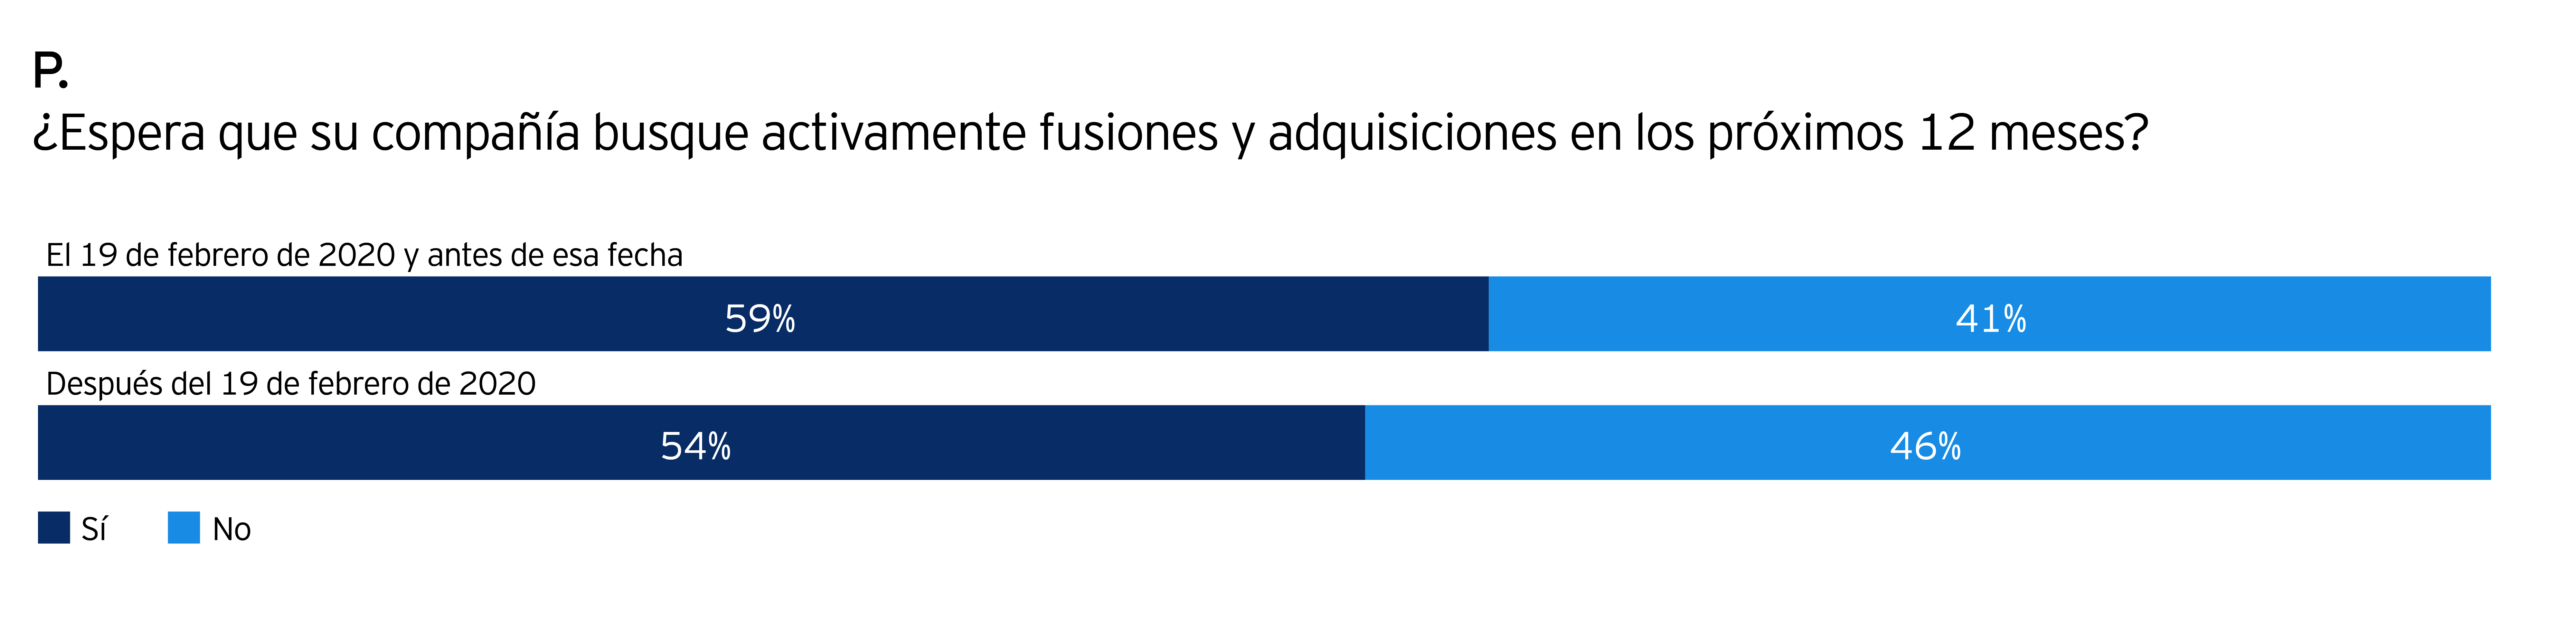 Adquisiciones y Fusiones de EY, encuesta sobre las expectativas que las empresas persiguen en los próximos 12 meses